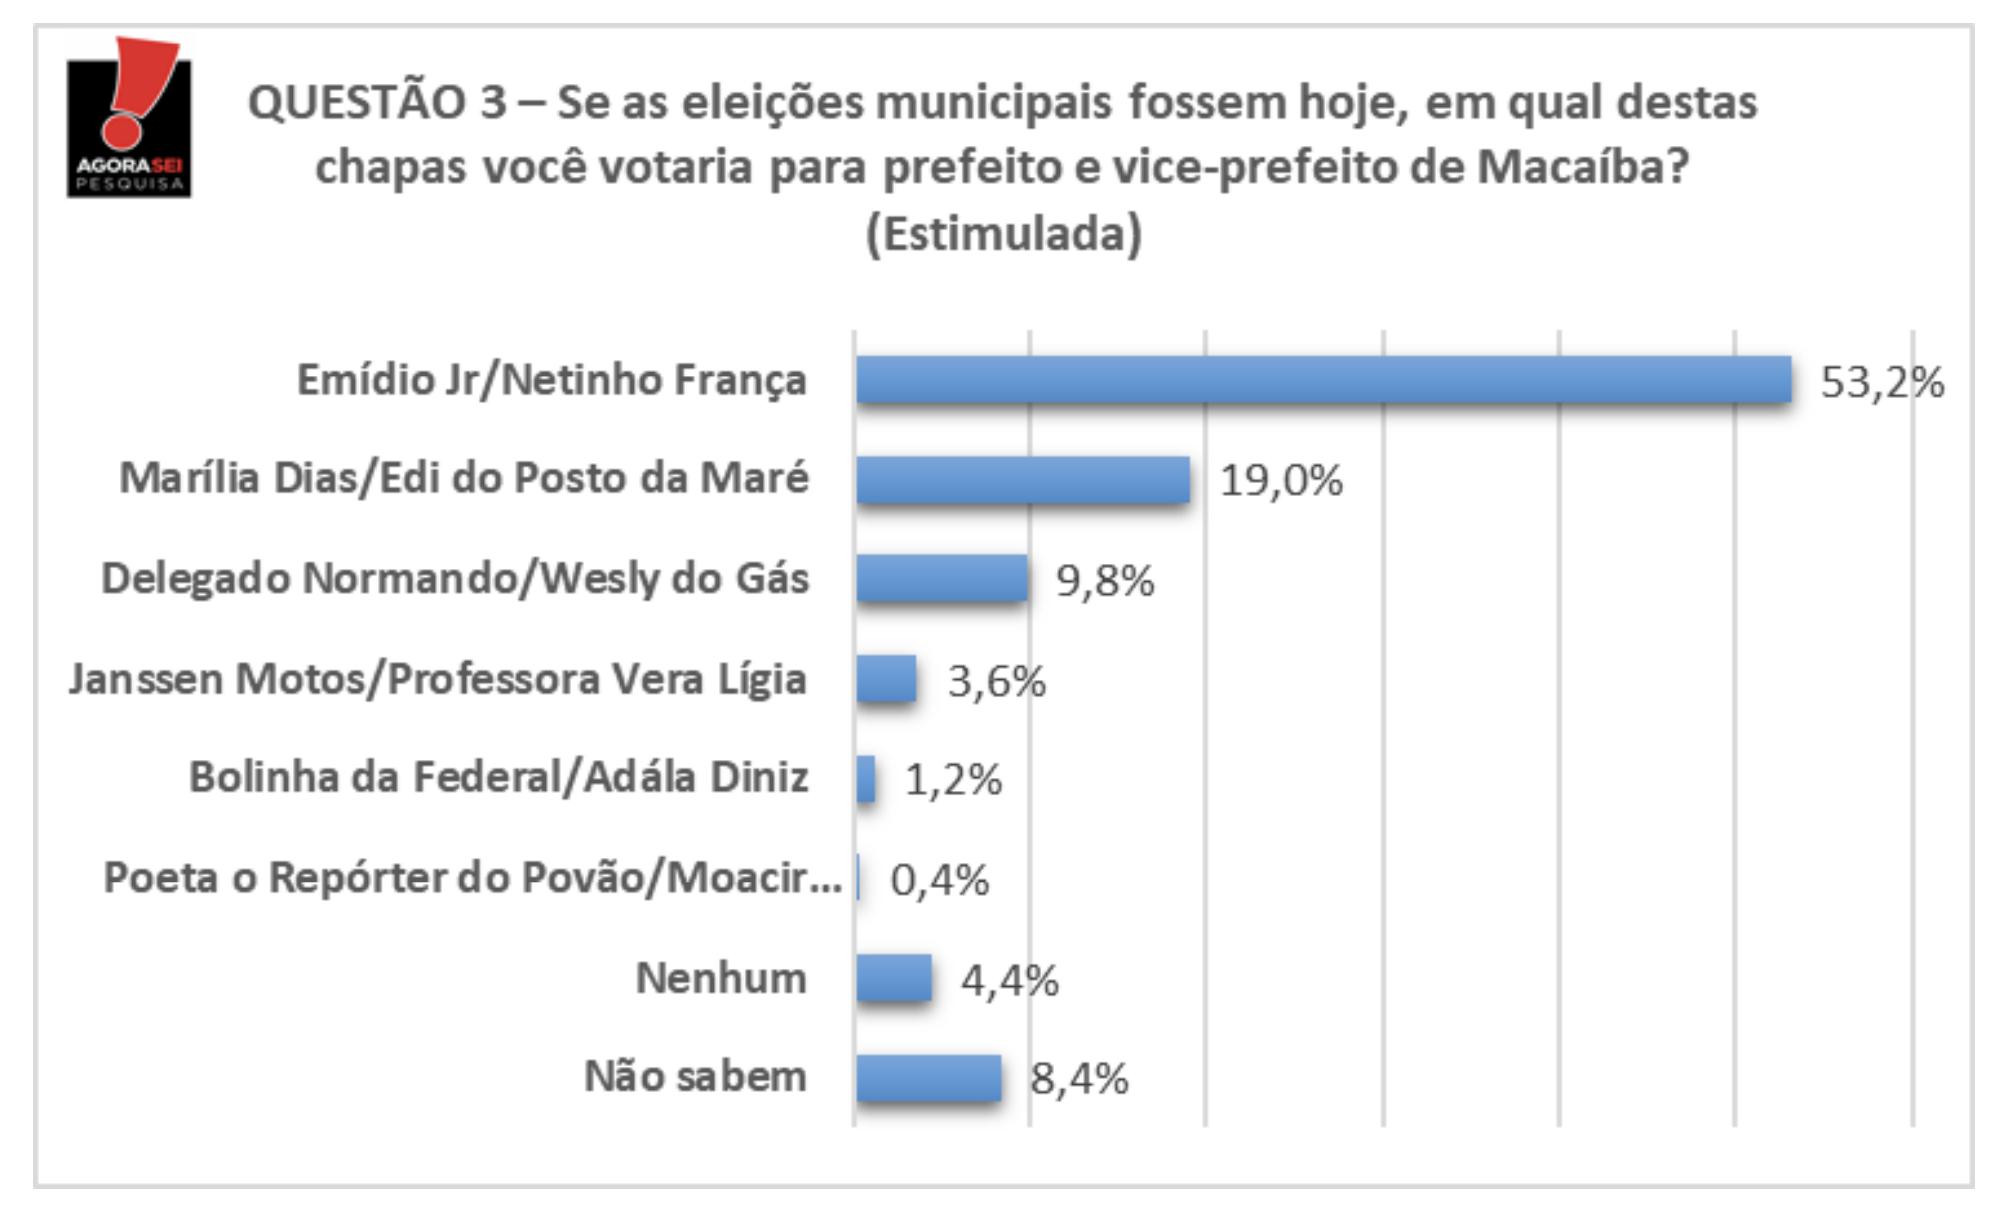 Macaíba: Emídio Júnior alcança 53,2% dos votos contra 19% de Marília